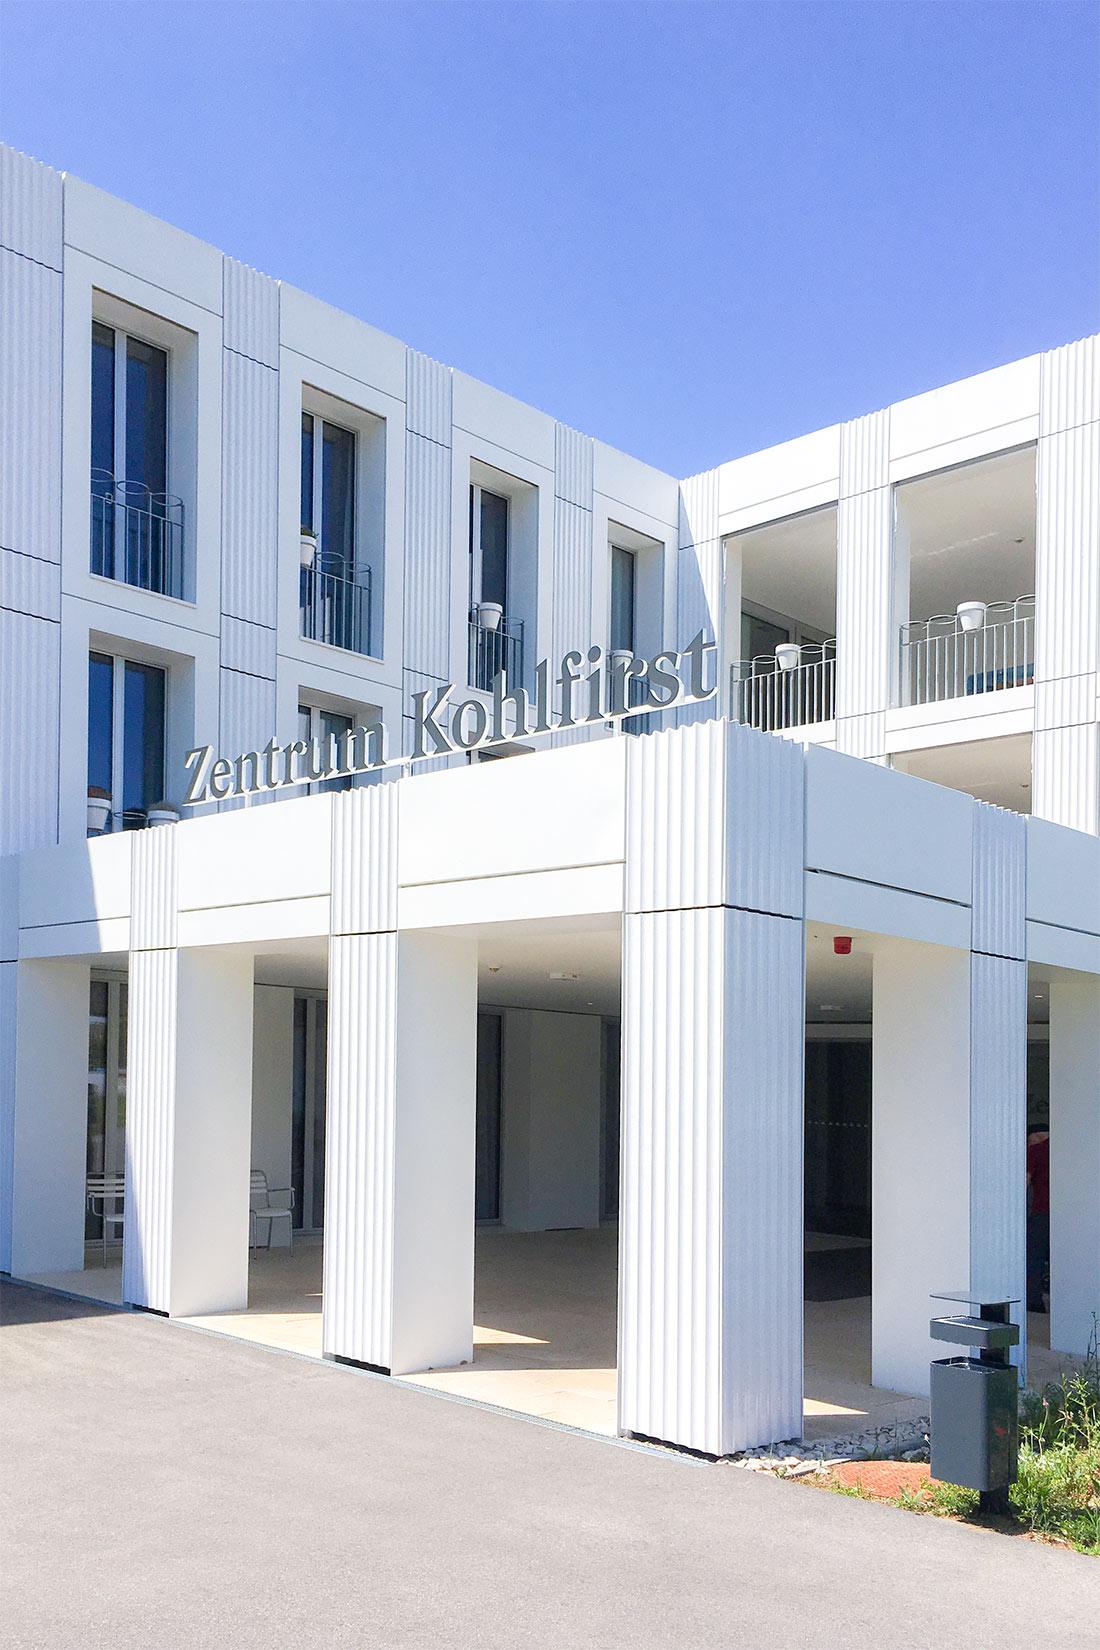 Fassadenbeschriftung fertig montiert mit Dual-Color-Folie auf dem Vordach über dem Eingang zum Zentrum Kohlfirst.